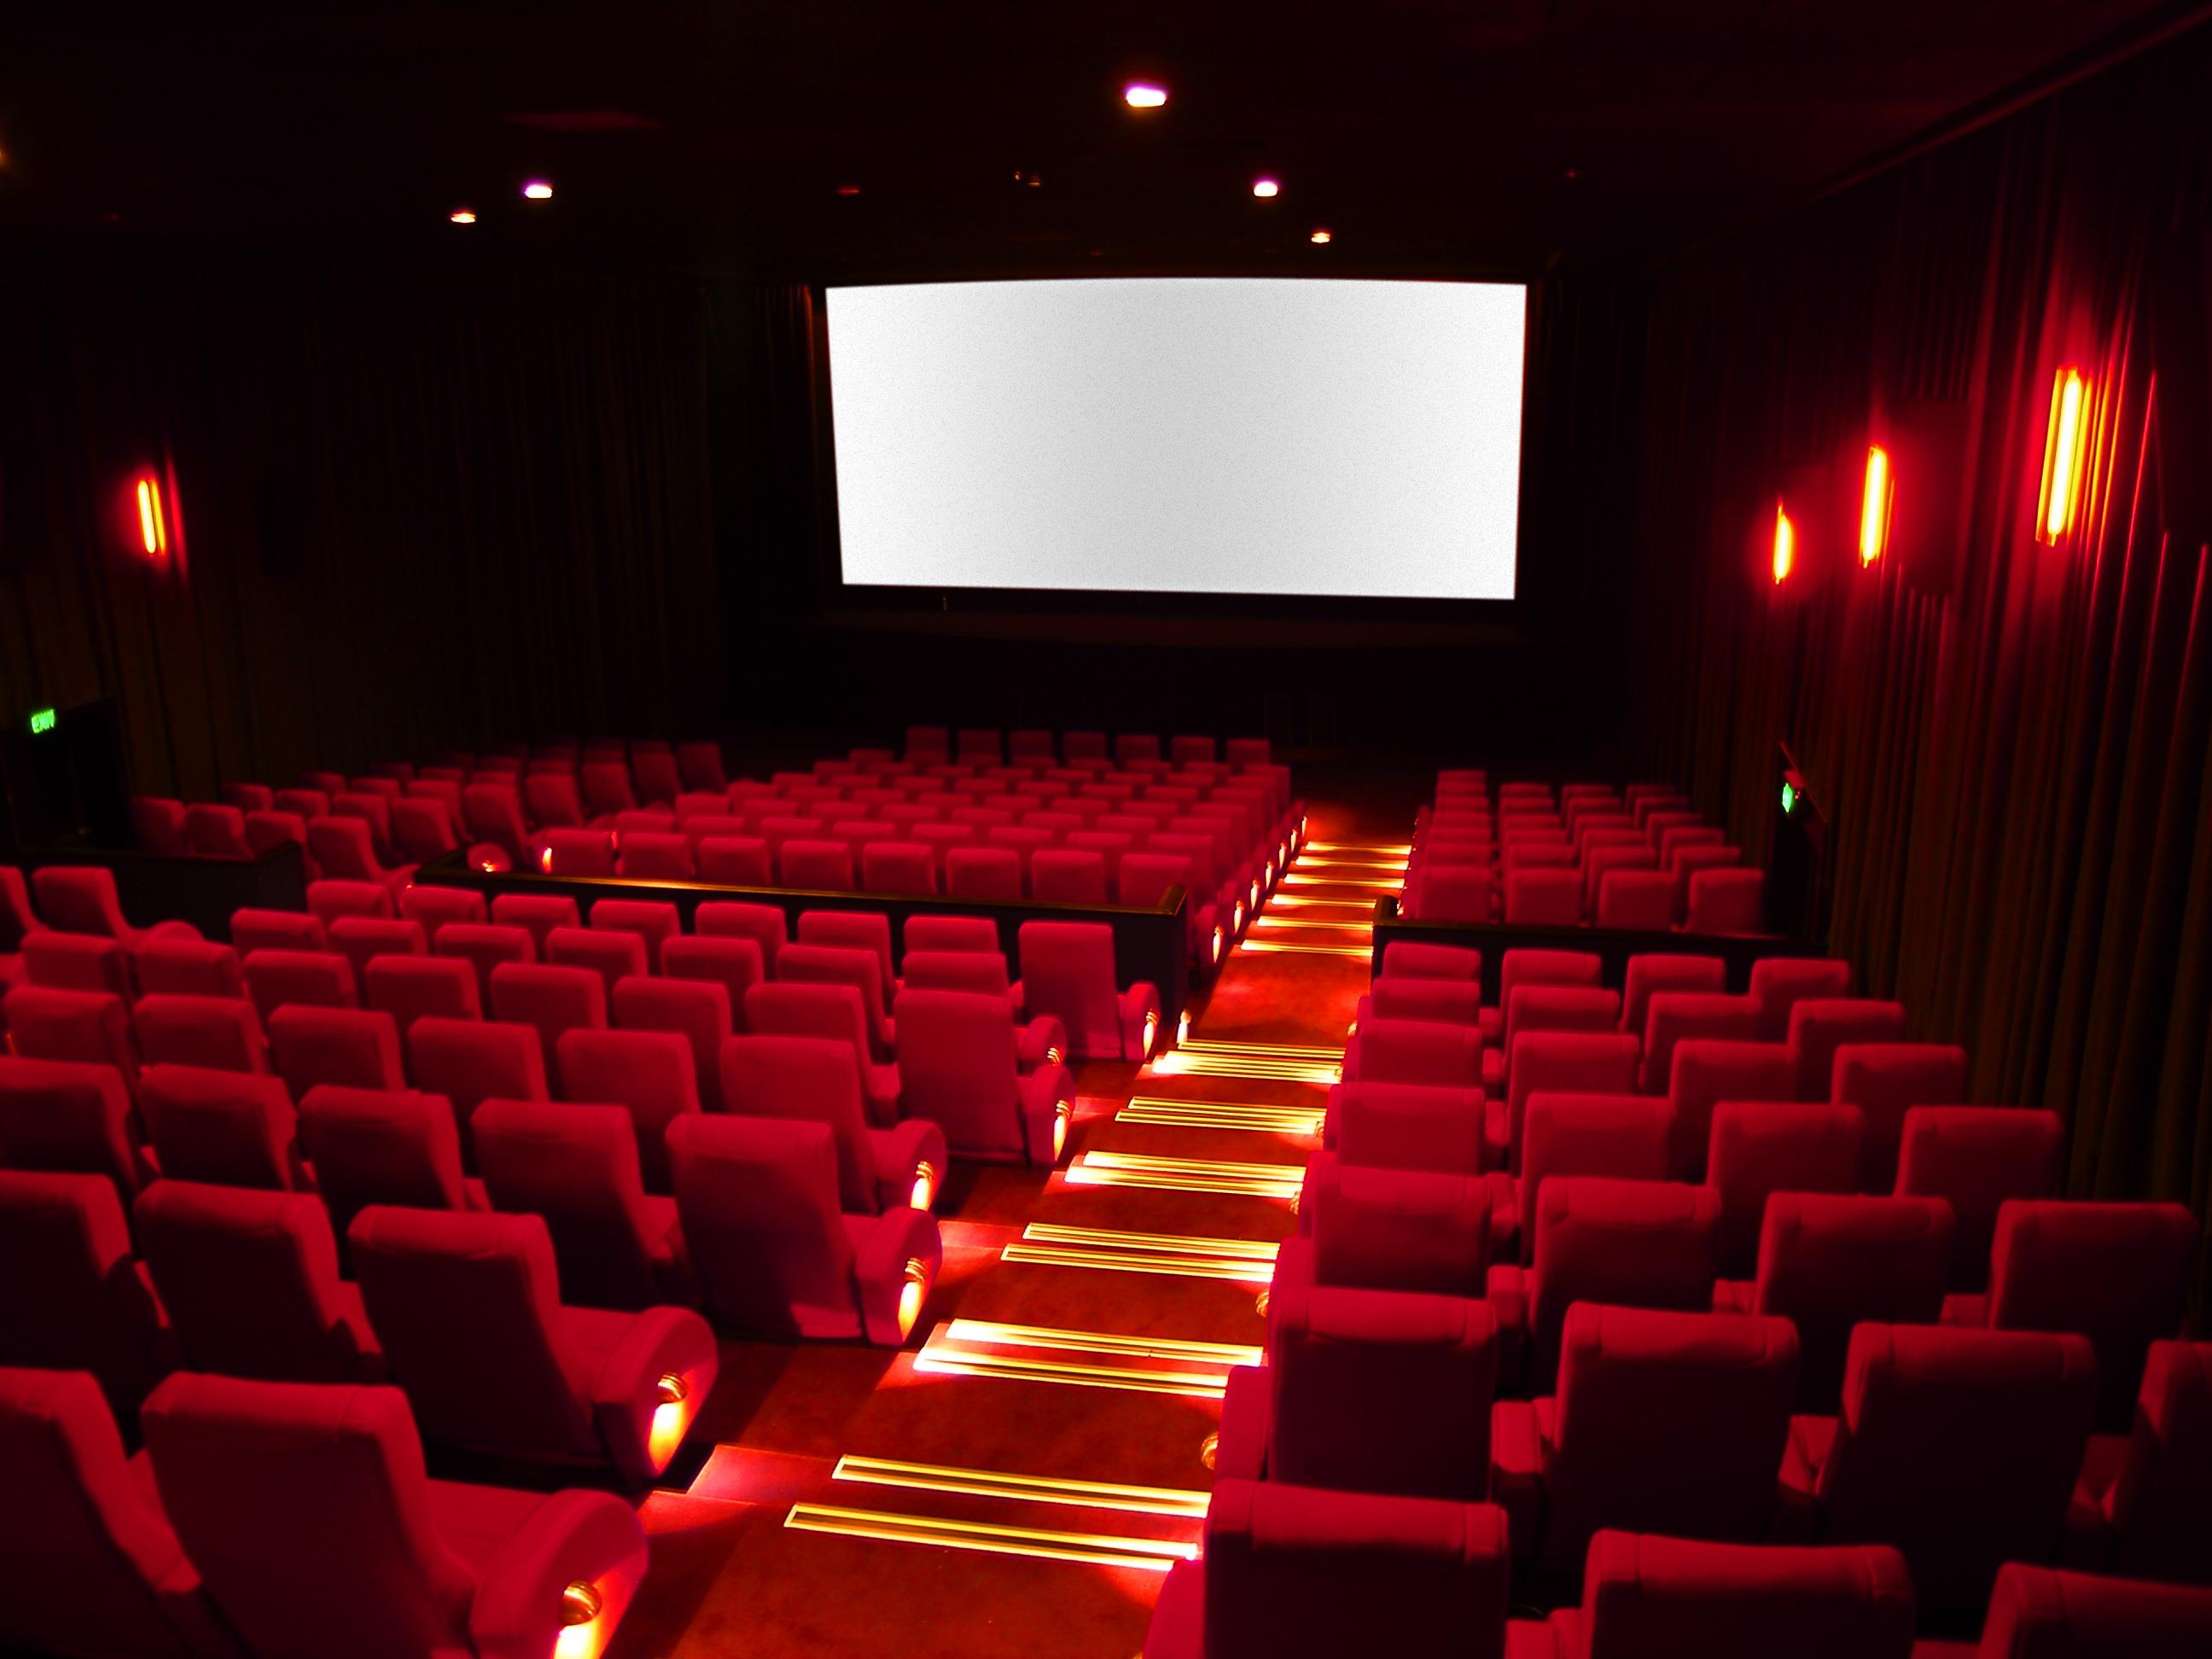 Từ vựng tiếng Anh về điện ảnh - Movies (phần 3)